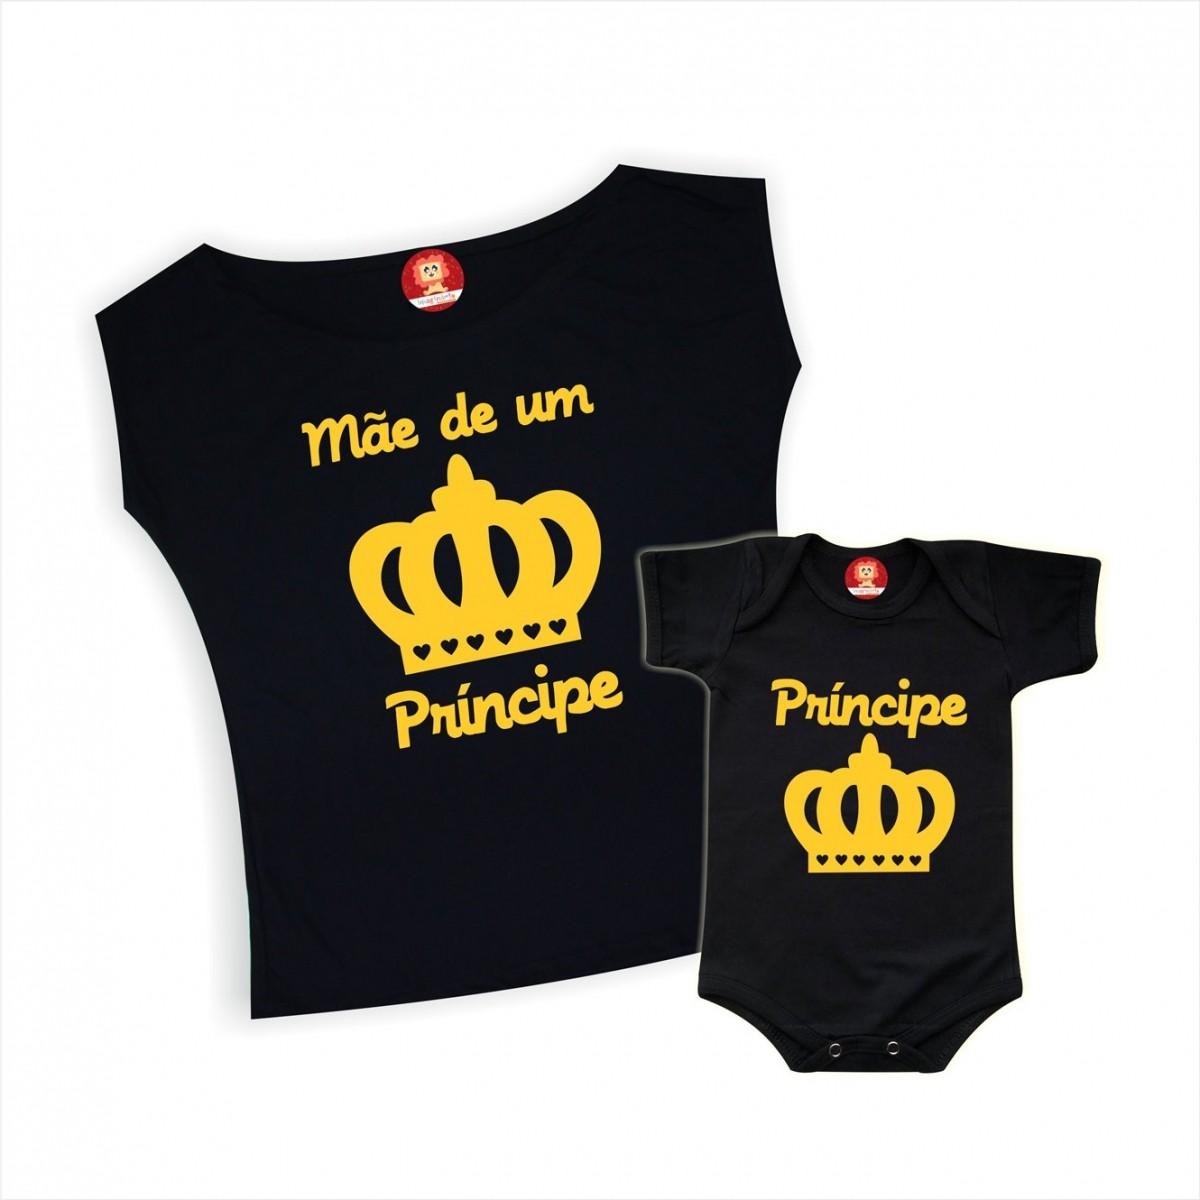 Kit Mãe de um Príncipe